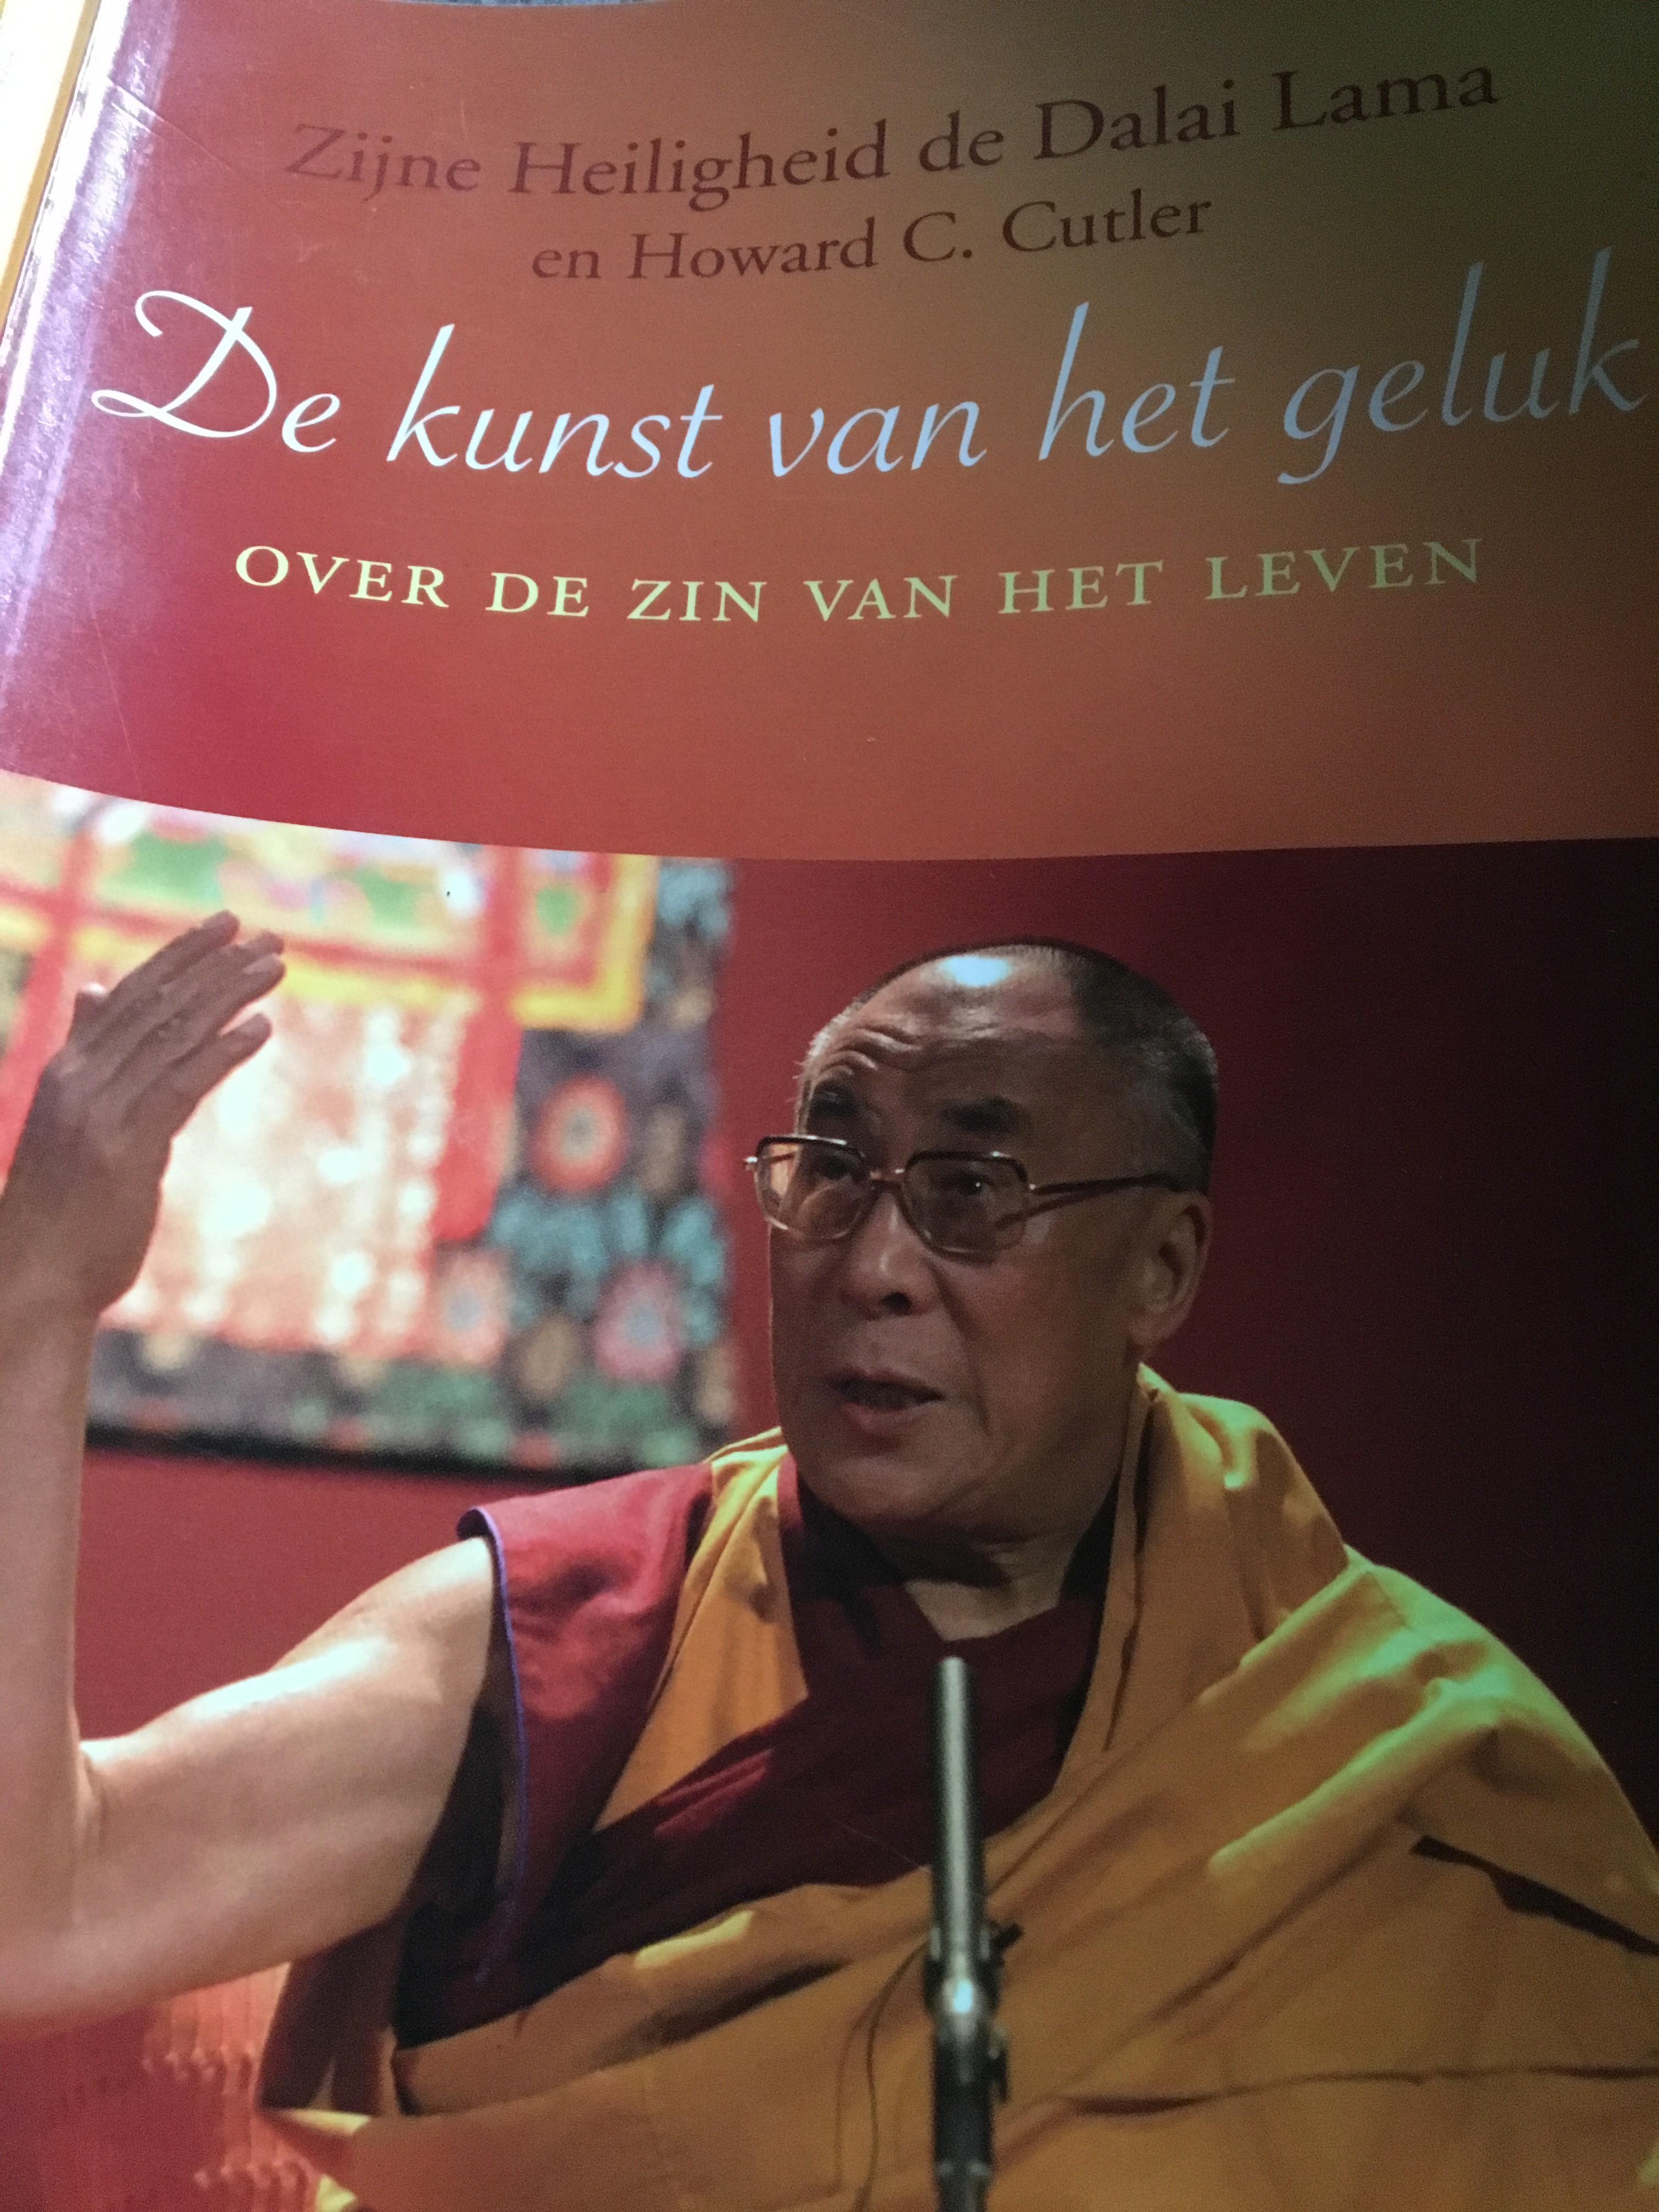 De kunst van het geluk – Dalai Lama